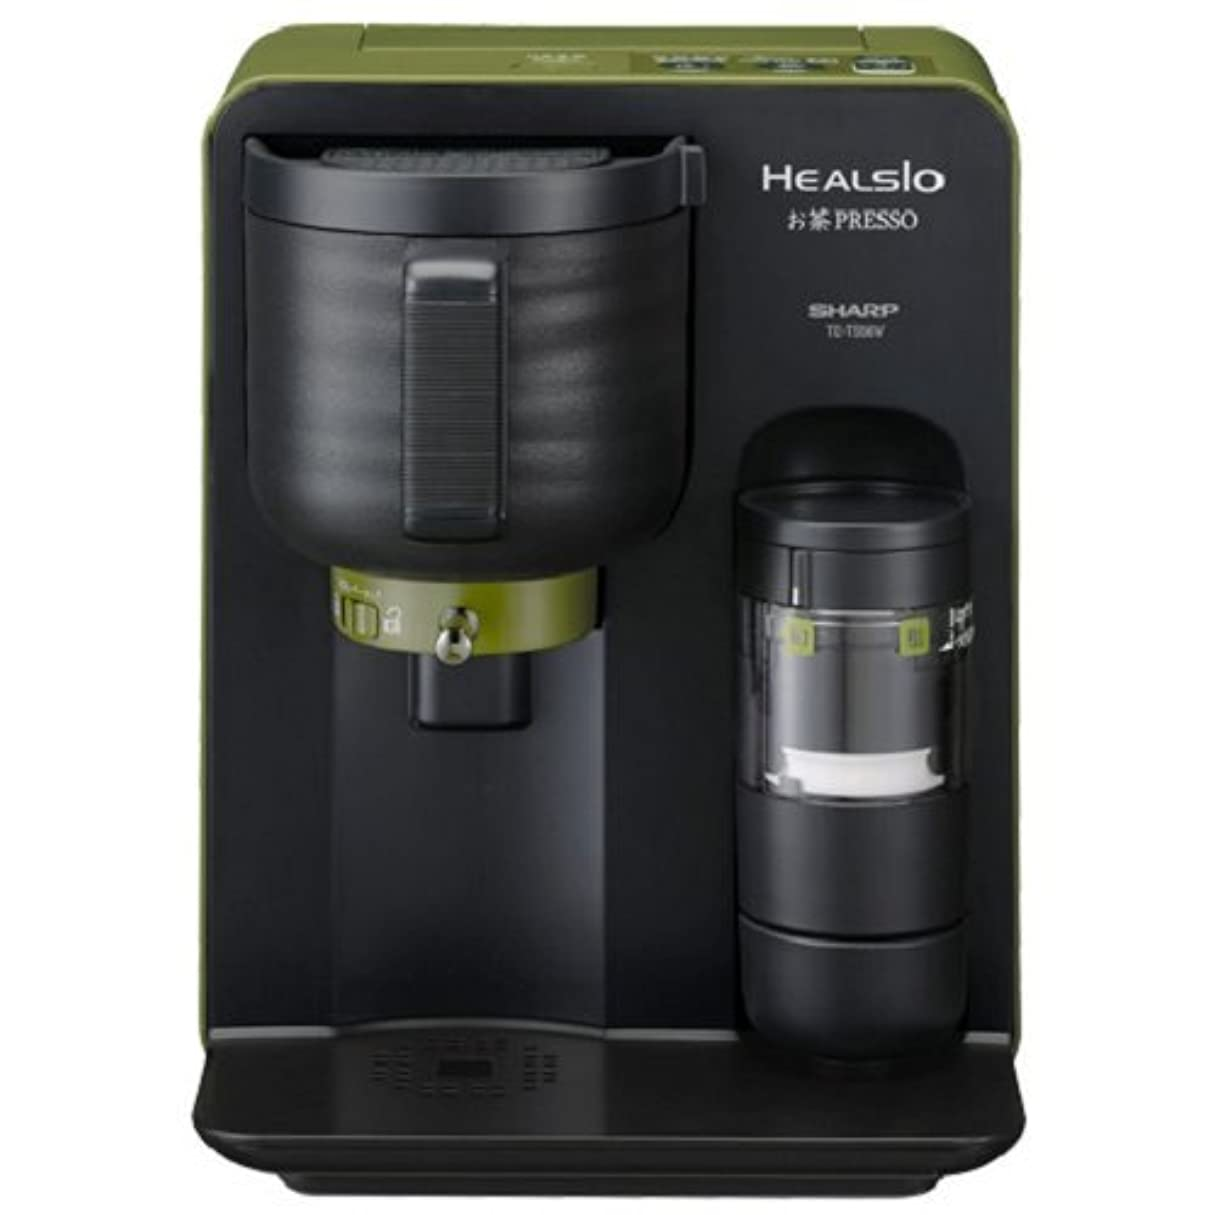 困惑した苦しみ不機嫌シャープ ヘルシオ(HEALSIO) お茶プレッソ 湯ざまし機能付き グリーン TE-TS56V-G